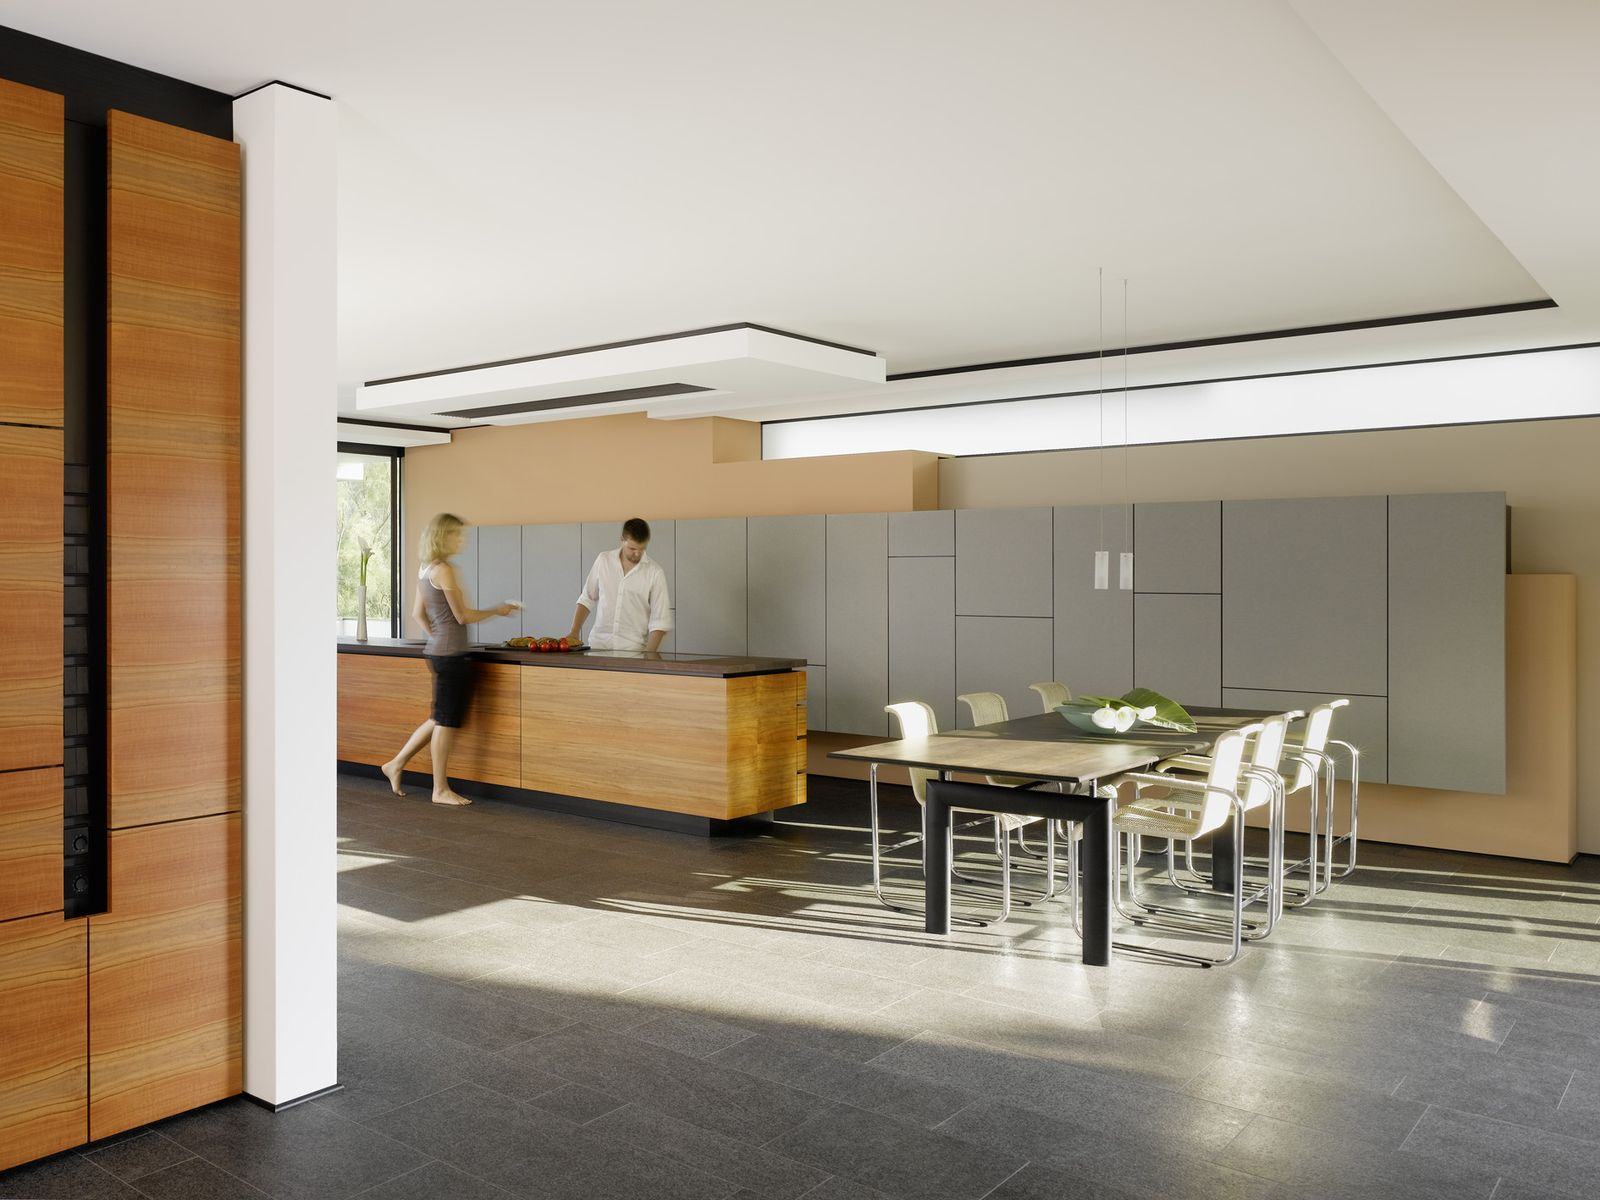 EINMALIGE VERWENDUNG Koop Häuser Heft 5/2011 - Einbauküche